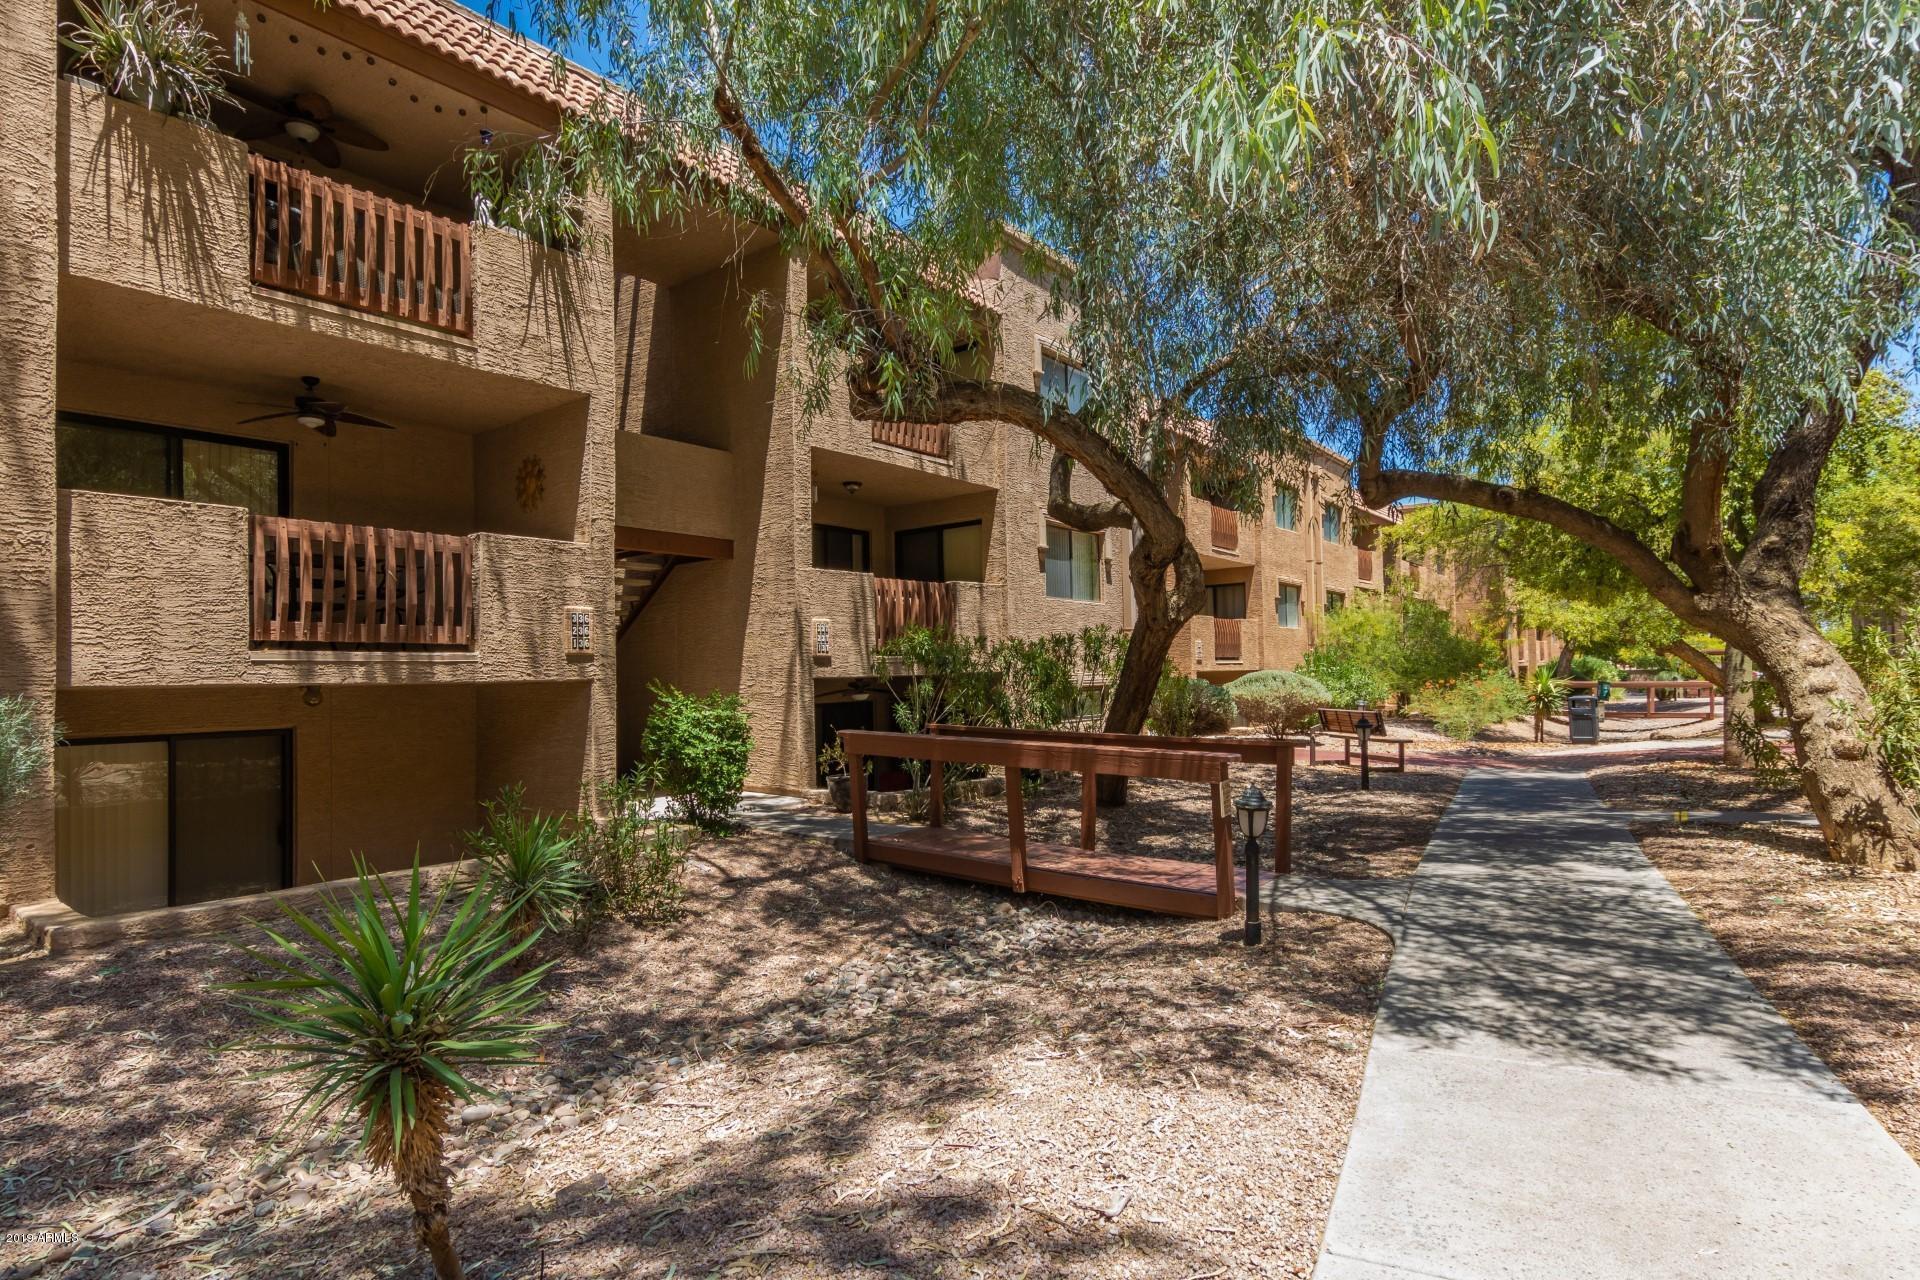 MLS 5952659 3031 N CIVIC CENTER Plaza Unit 236, Scottsdale, AZ 85251 Scottsdale AZ Private Pool